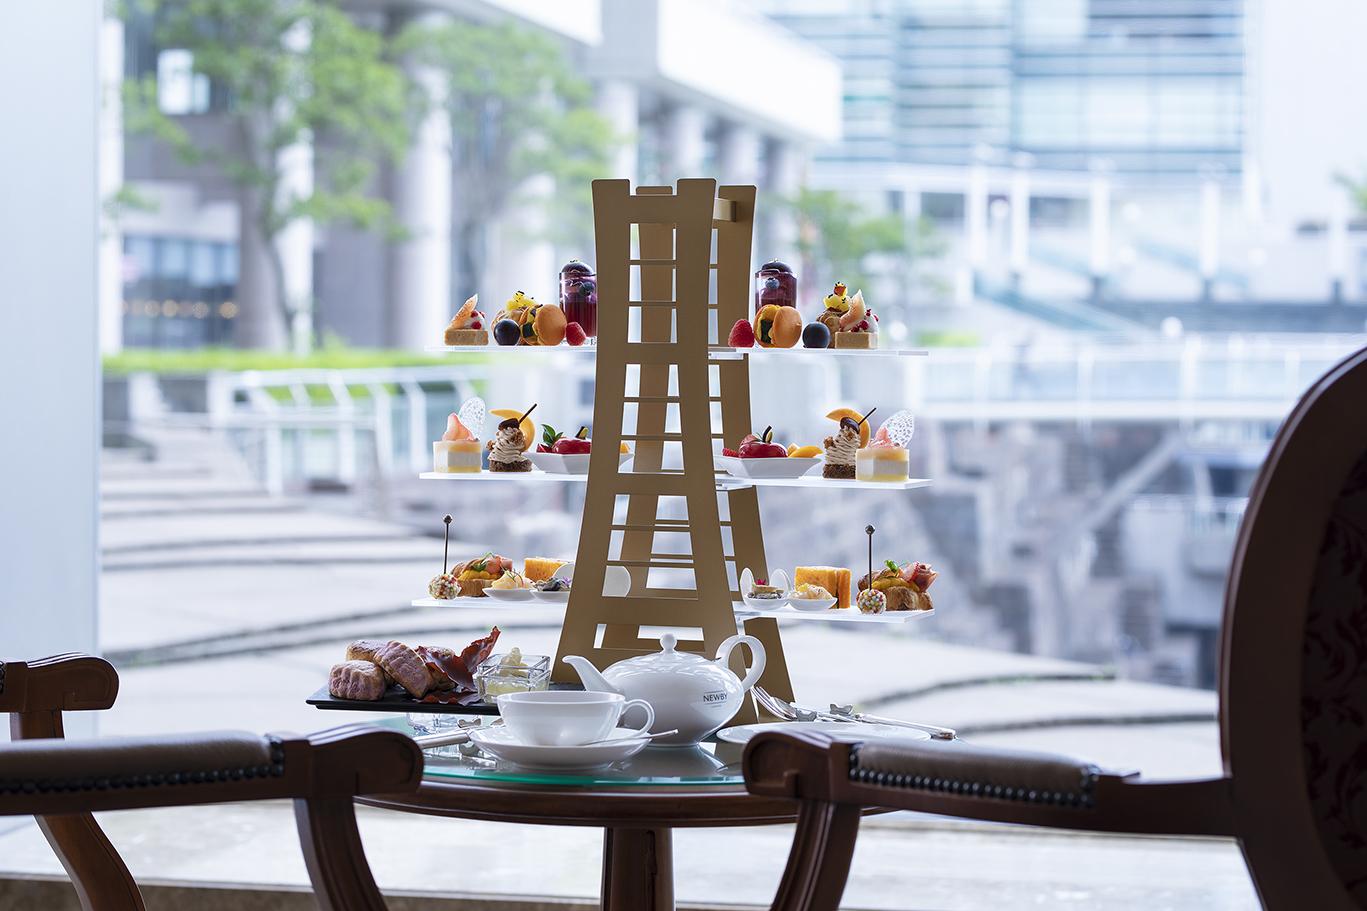 〈横浜ロイヤルパークホテル〉の新アフタヌーンティーを実食。